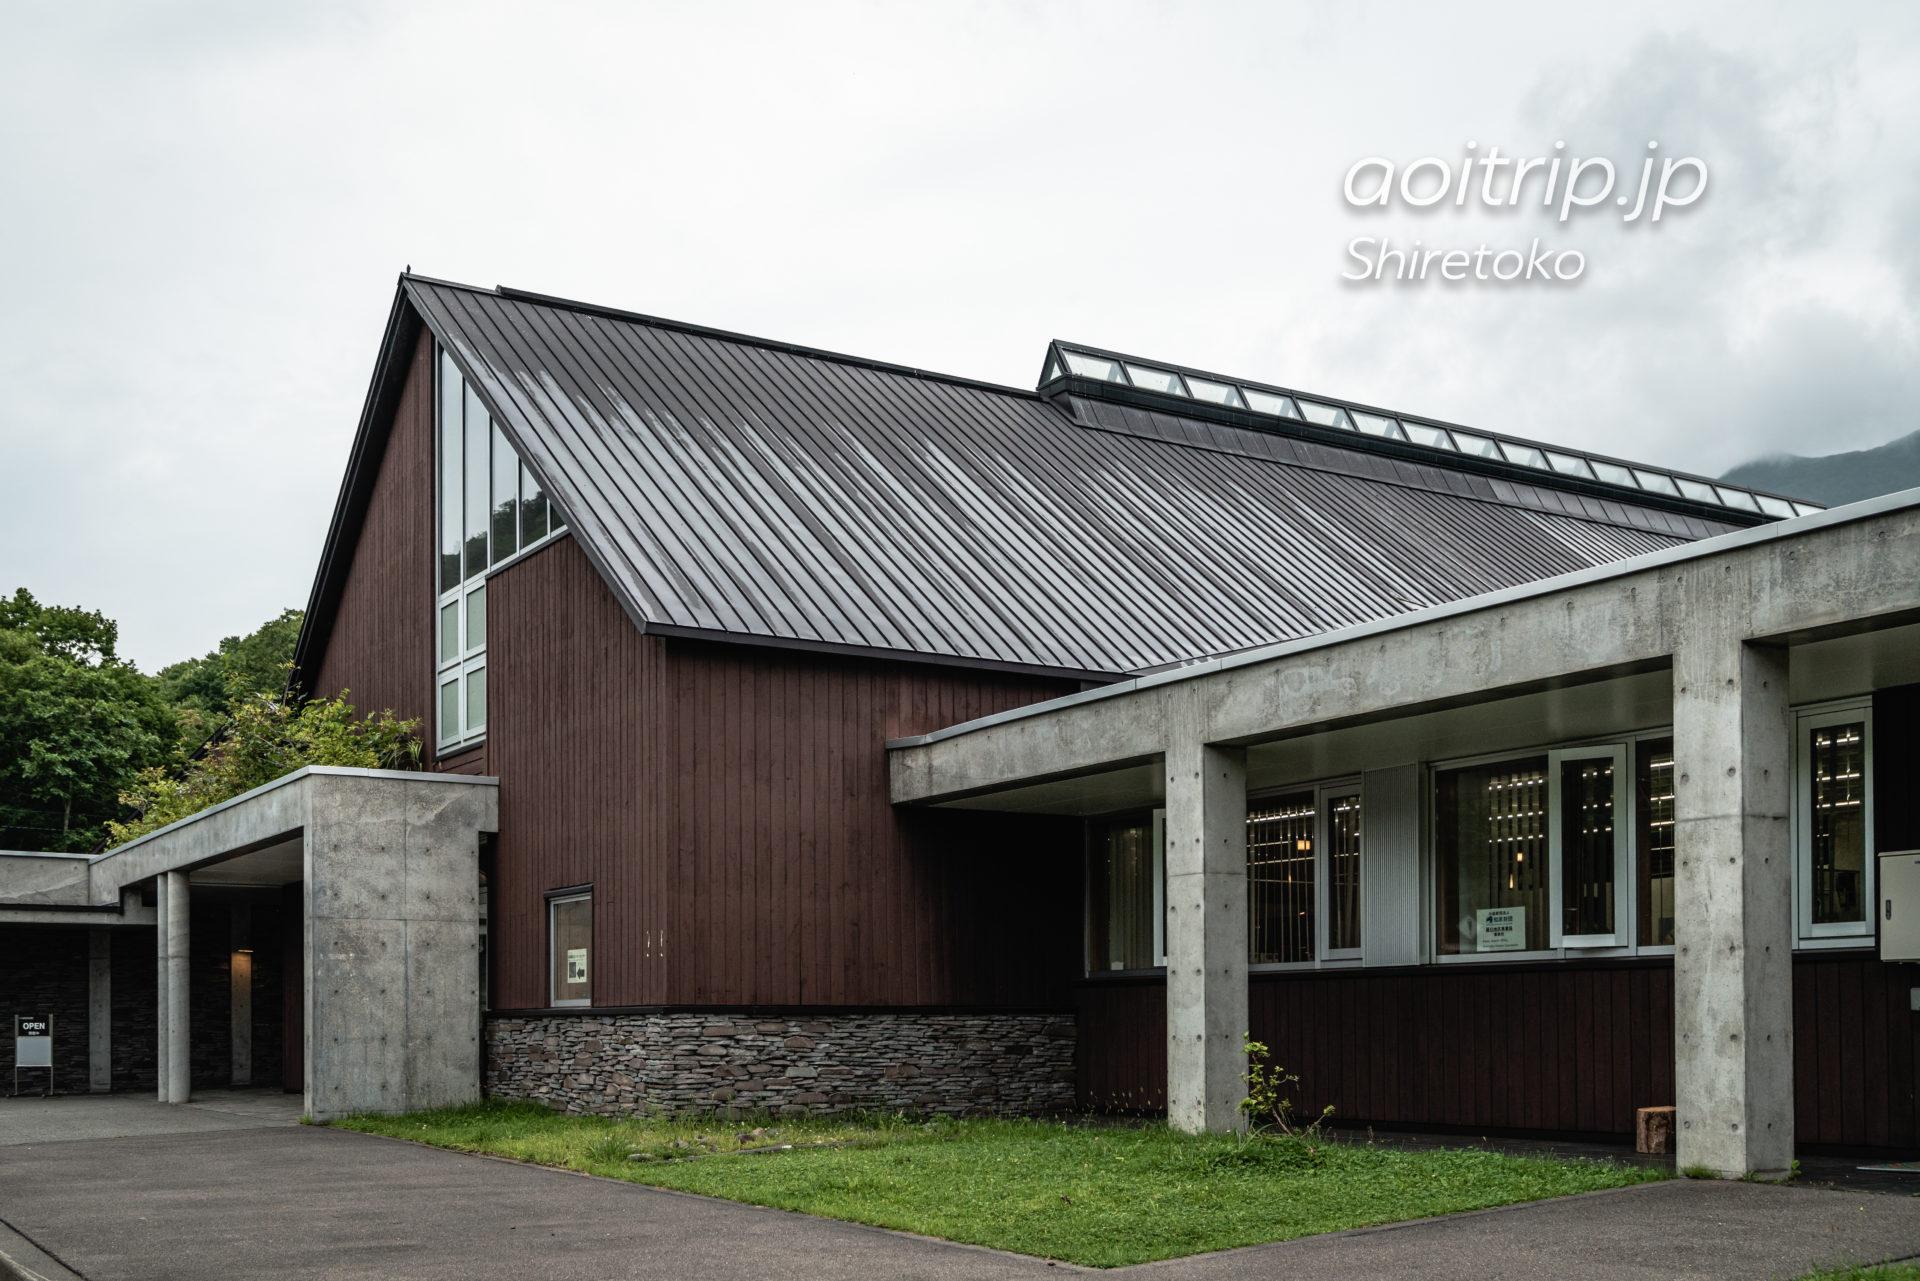 羅臼ビジターセンター Rausu Visitor Center